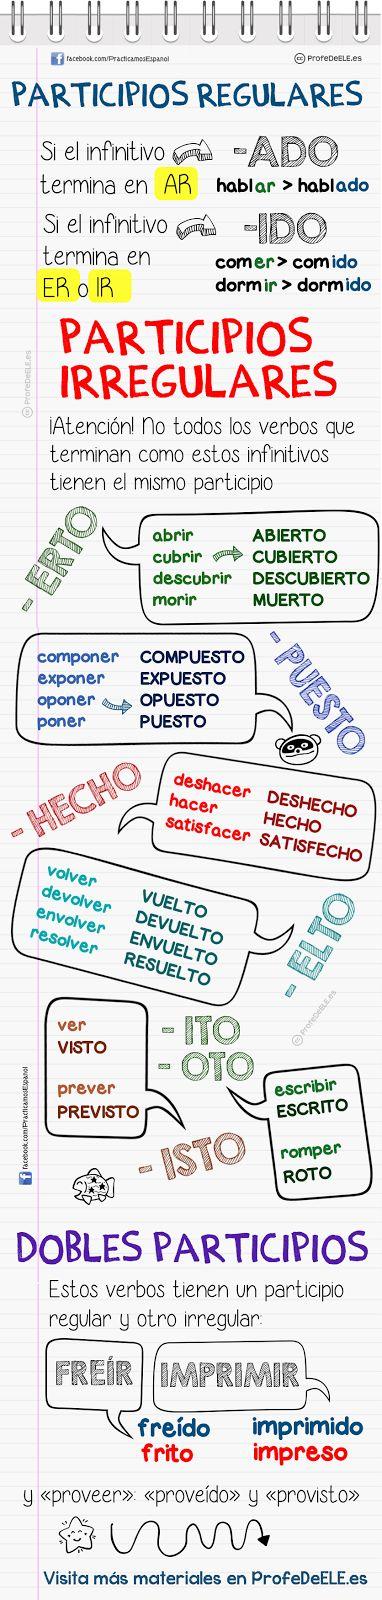 Participios regulares e irregulares en español - Explicación y actividad online en www.profedeele.es | @ProfeDeELE.es.es.es